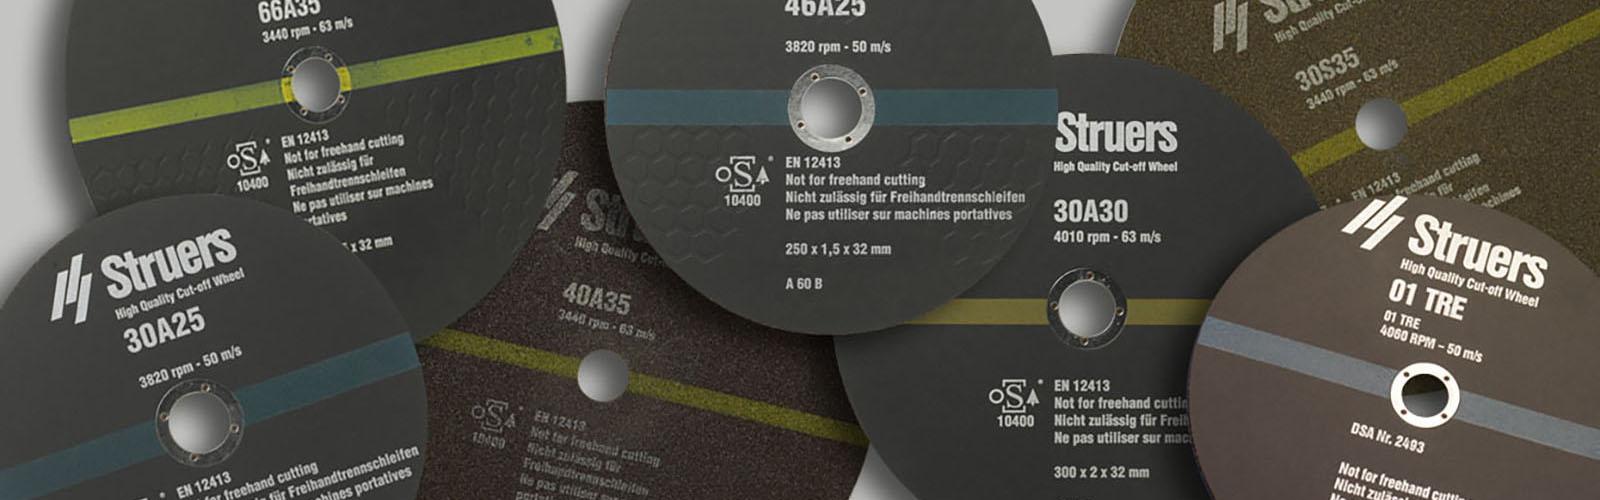 Verbrauchsmaterialien für Discotom Labotom